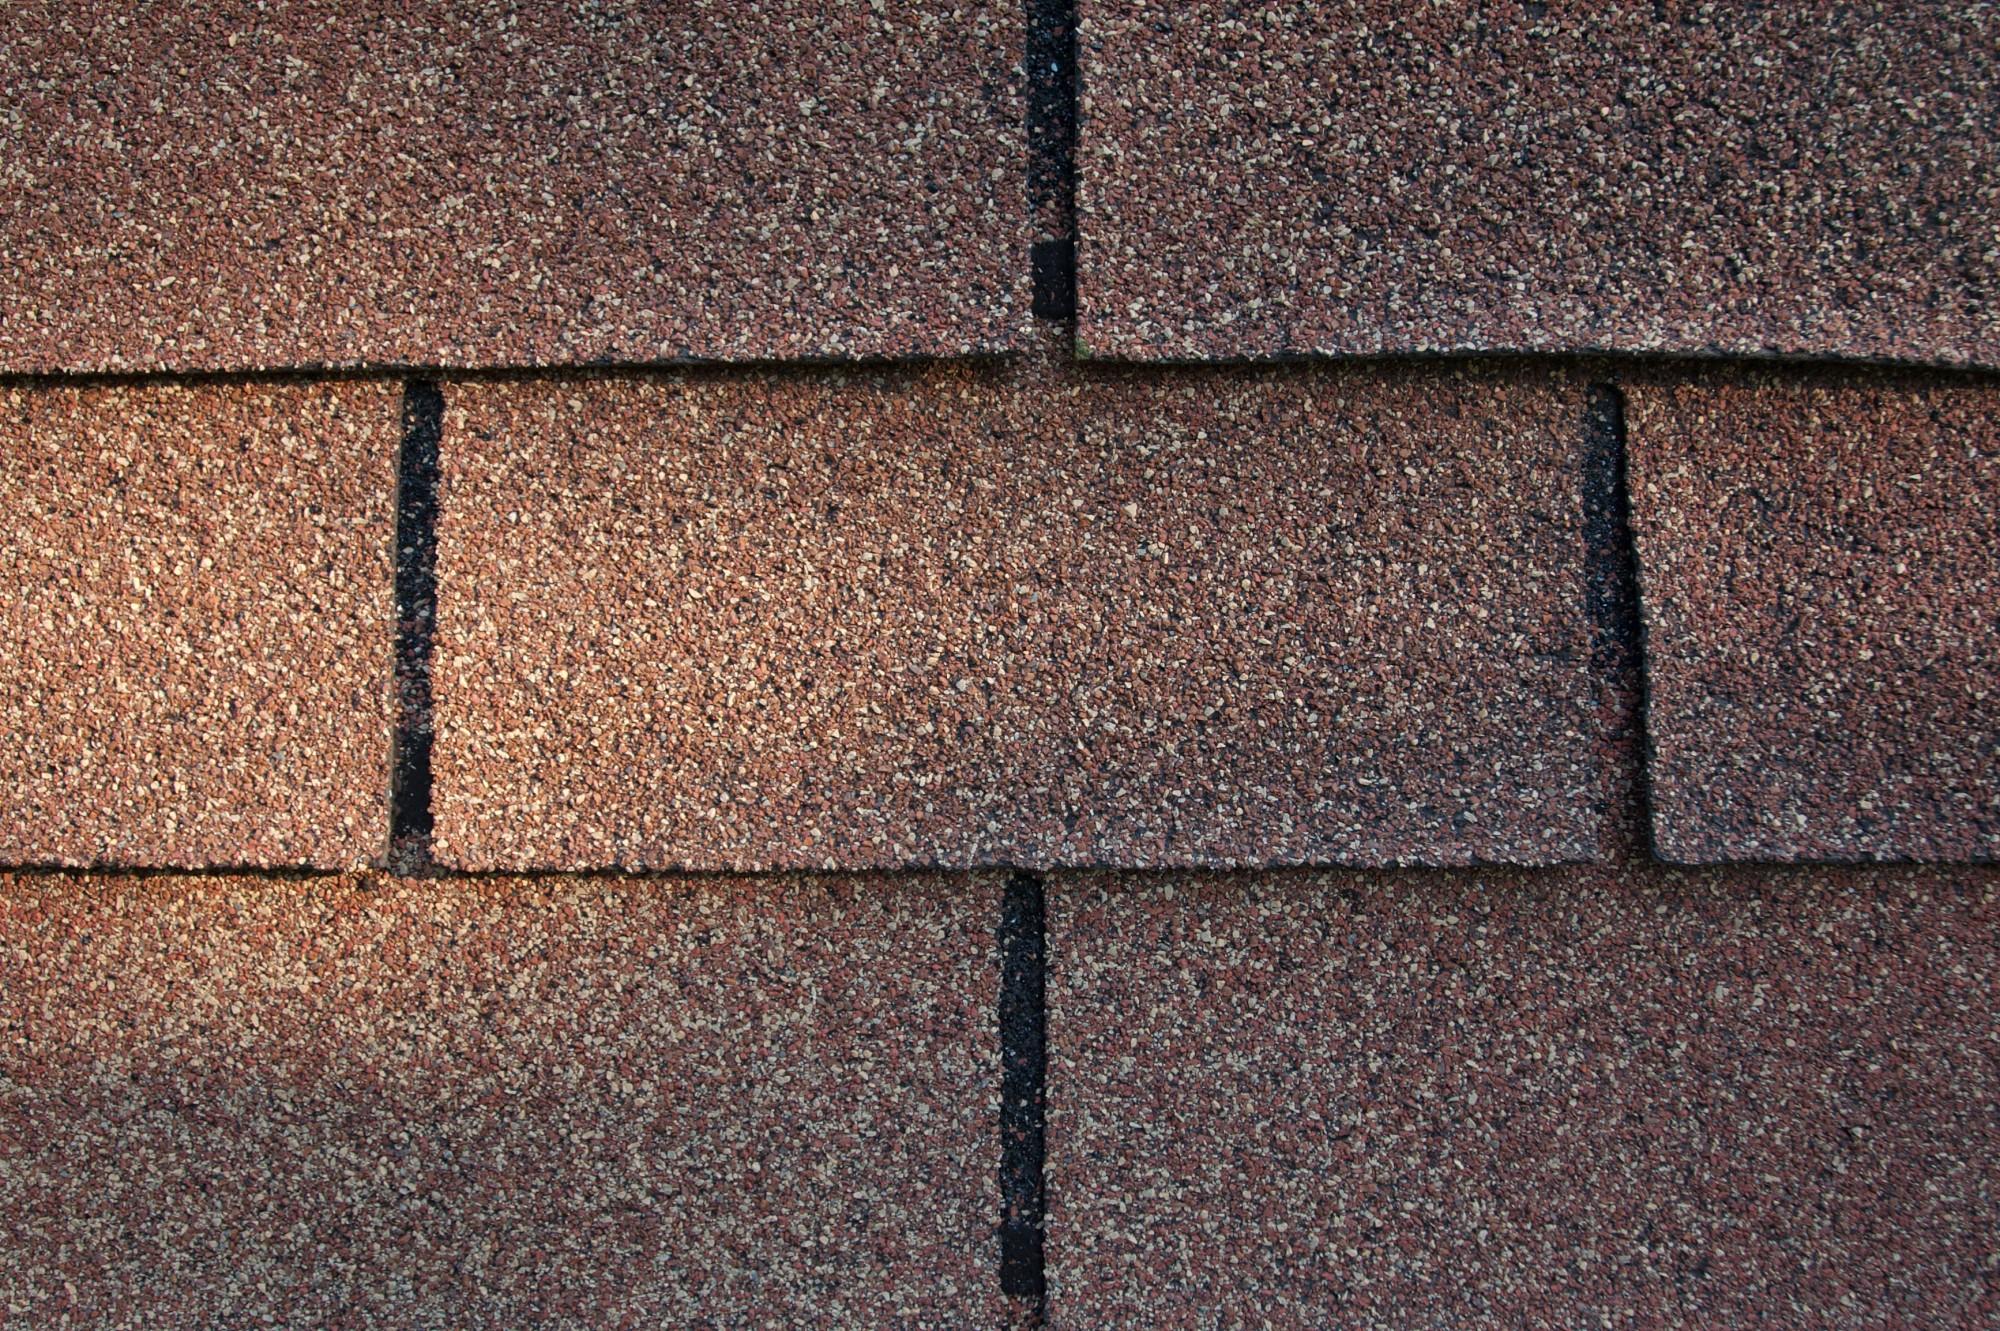 architectural shingles vs 3 tab. Three-tab Asphalt Shingle Roofing In Good Condition Architectural Shingles Vs 3 Tab L